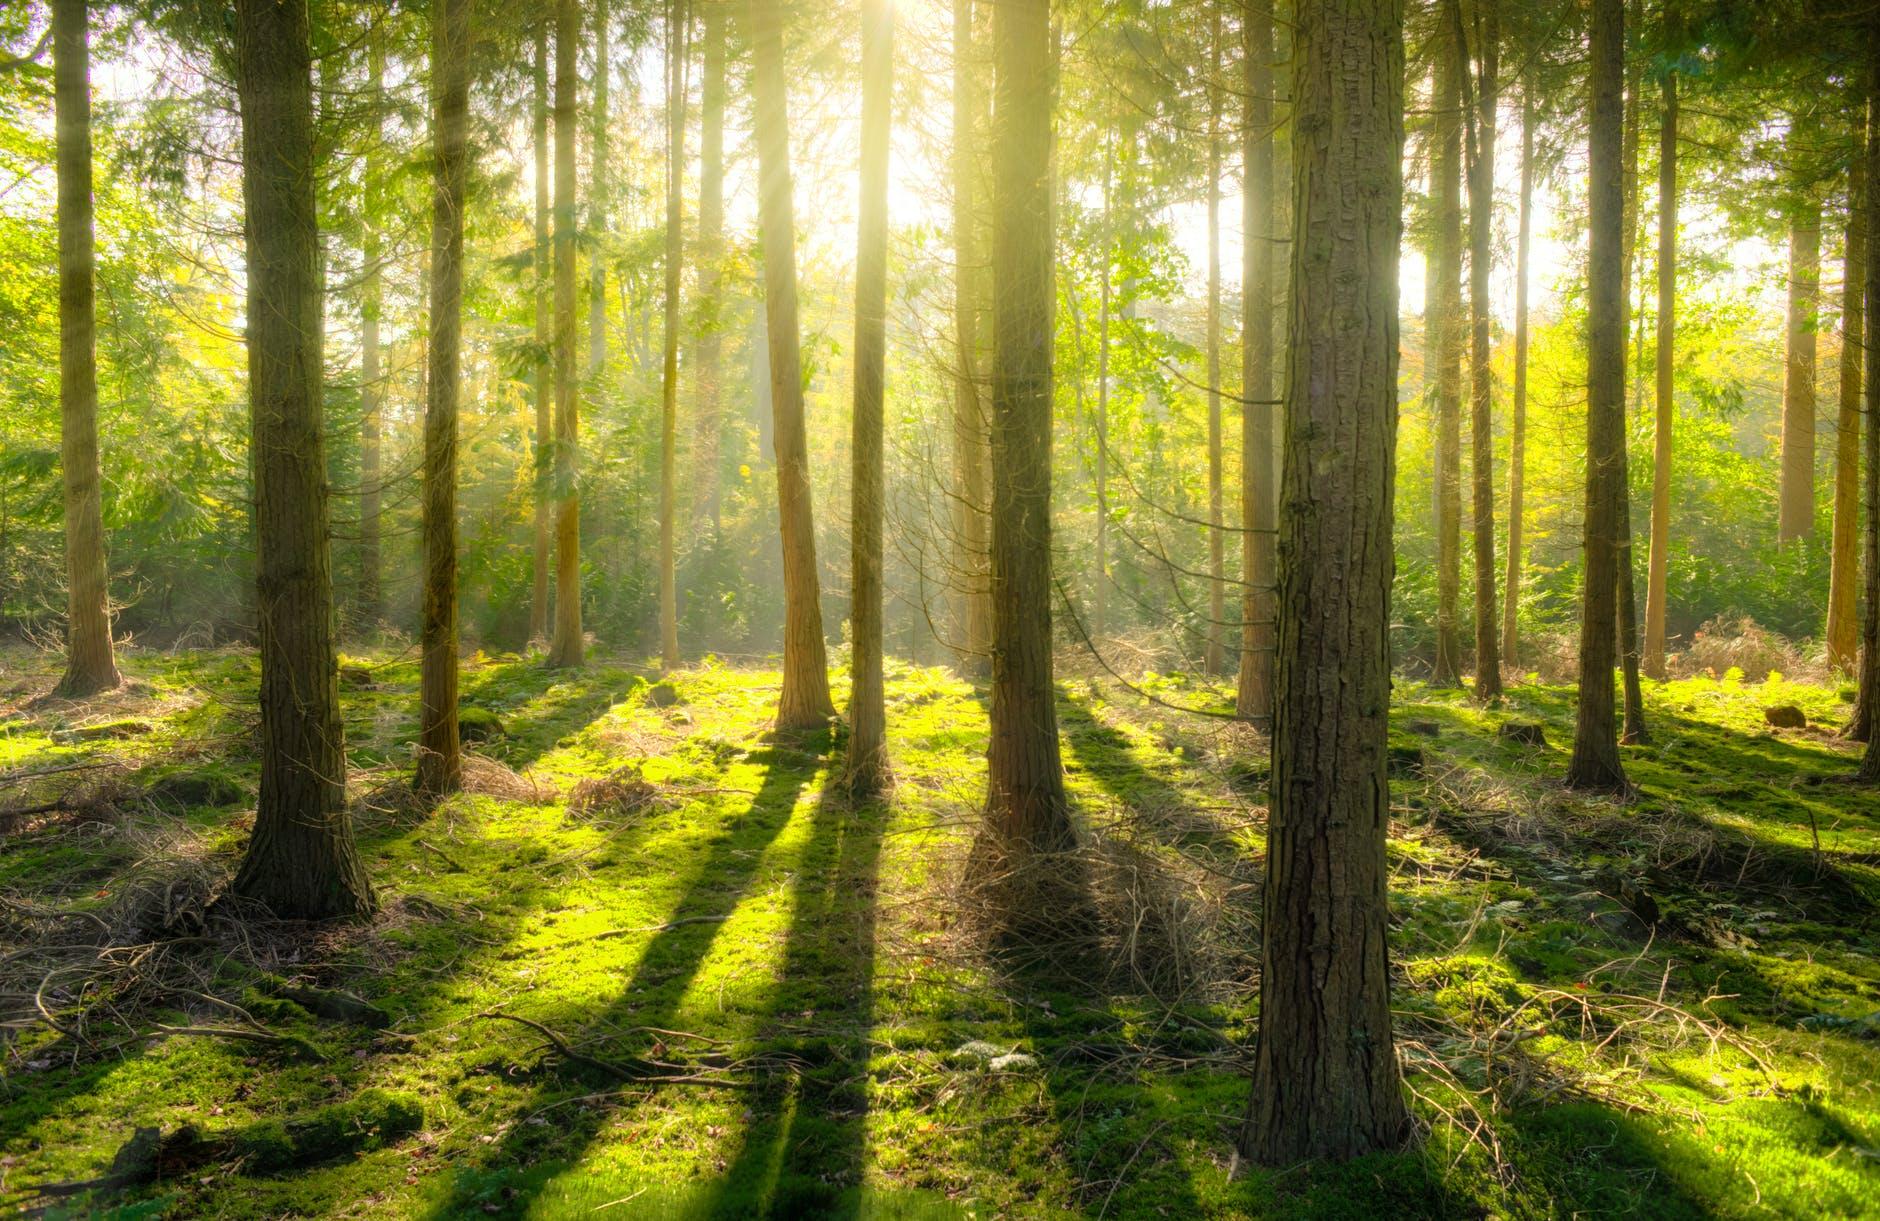 αποζημίωση ακινήτου δεσμευμένου για οικολογικούς λόγους